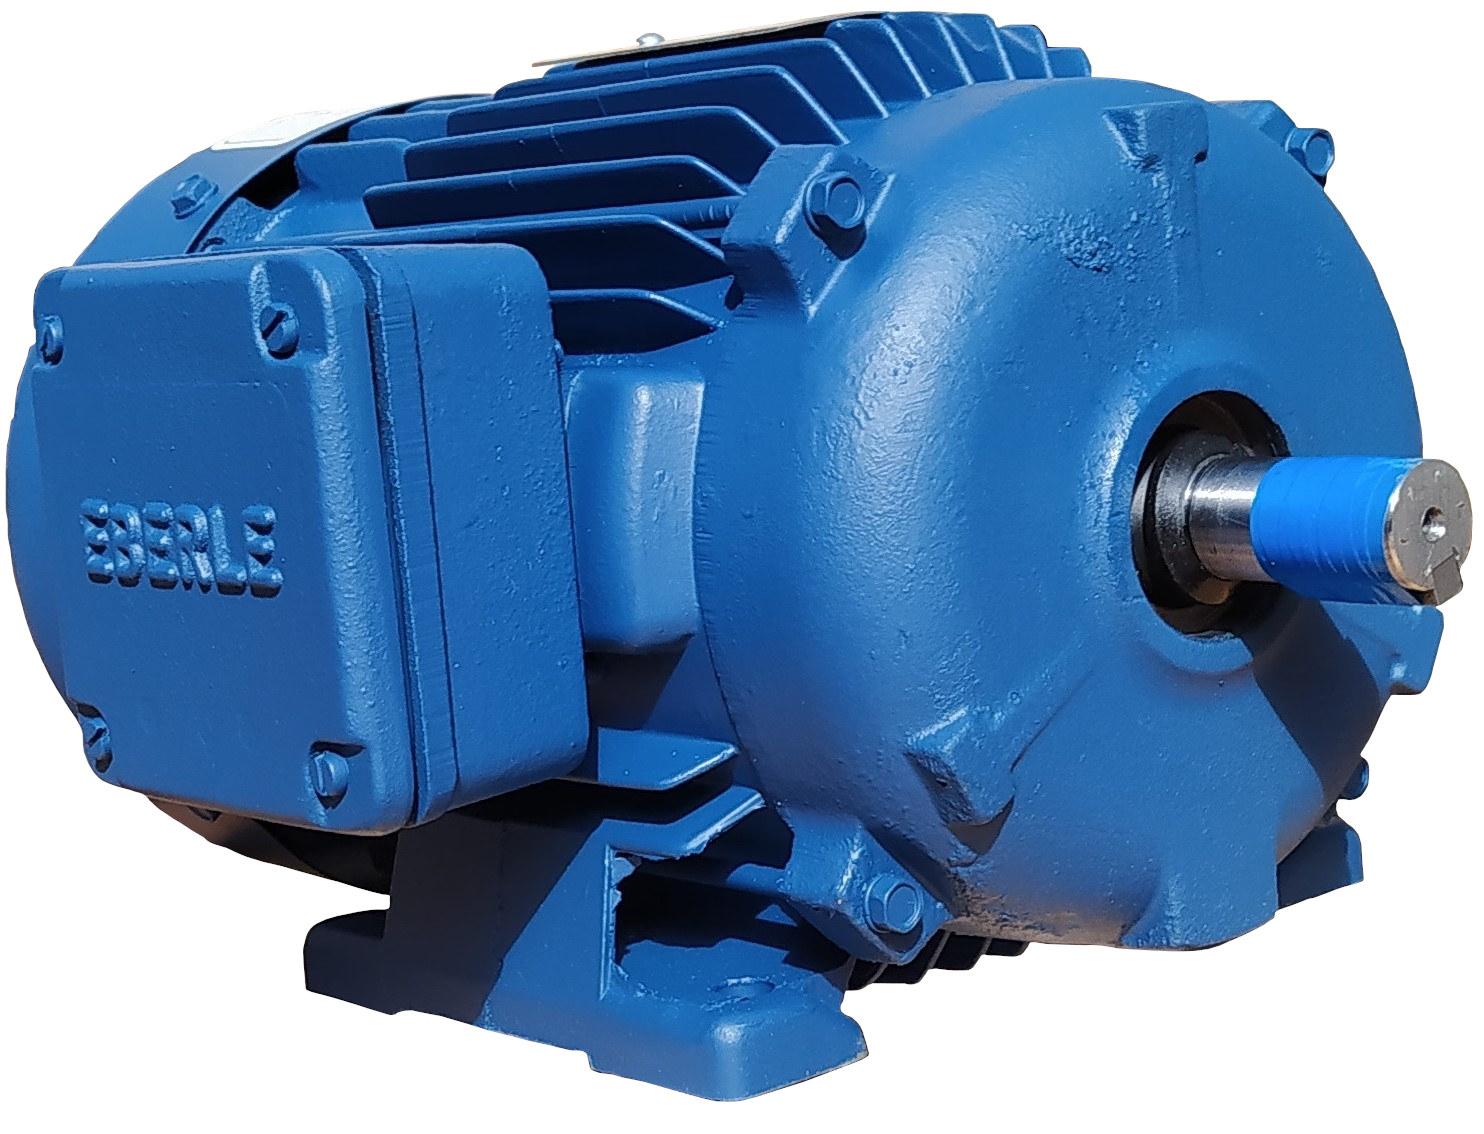 Motor Elétrico Trifásico 3cv Alta Rotação 3480 Rpm 2 Polos 220V 380V 440V 760V Eberle Mercosul